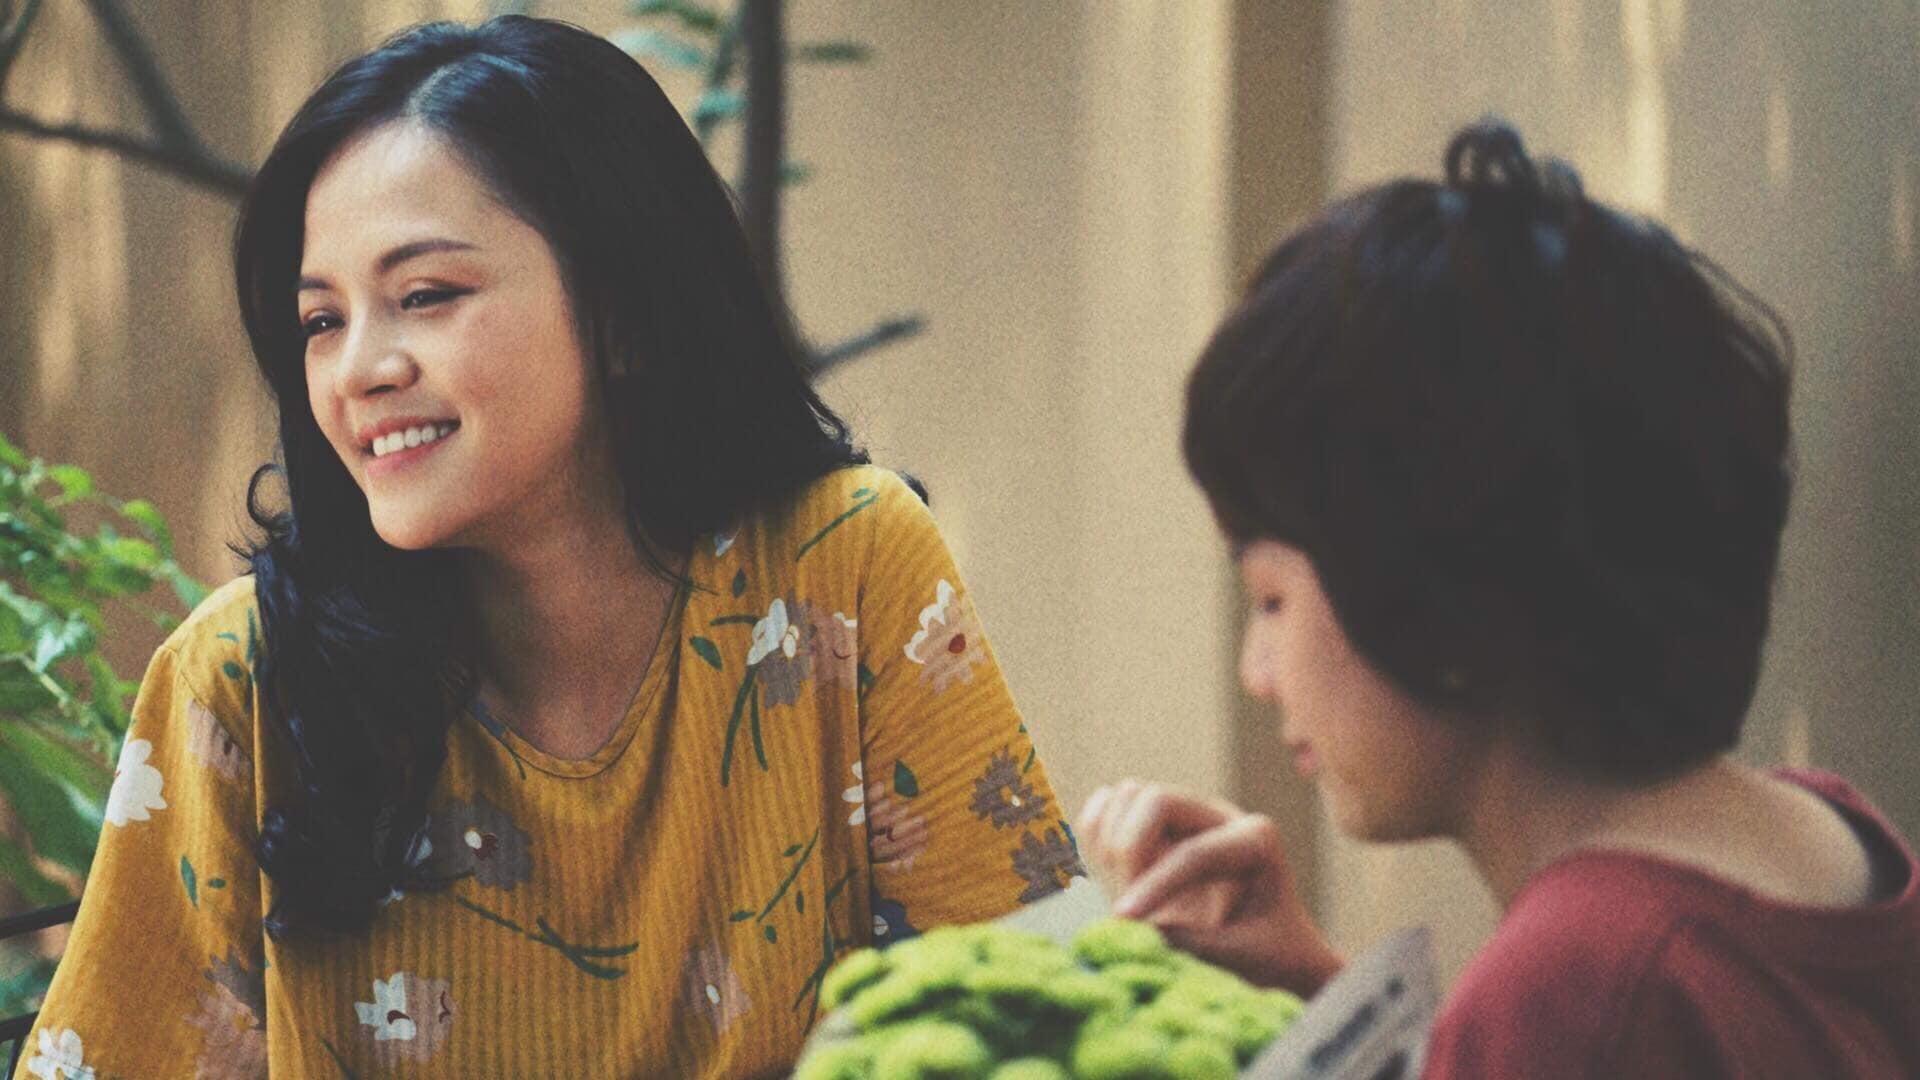 Đăng ảnh Vũ ngoại tình với Nhã, Thu Quỳnh bị nghi ám chỉ tới chồng cũ